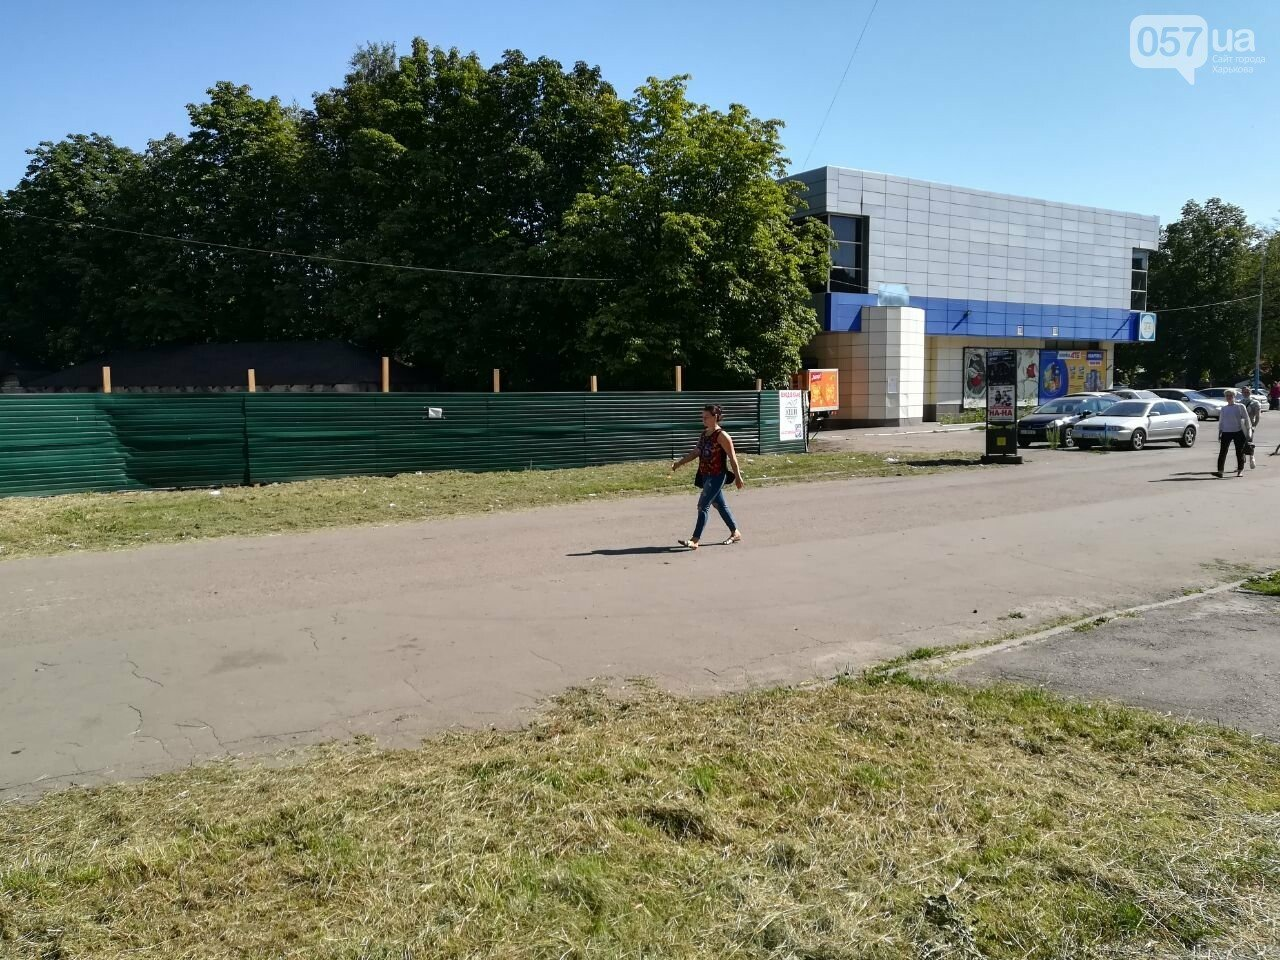 ФОТО: 057, Vgorode - Vgorode.ua